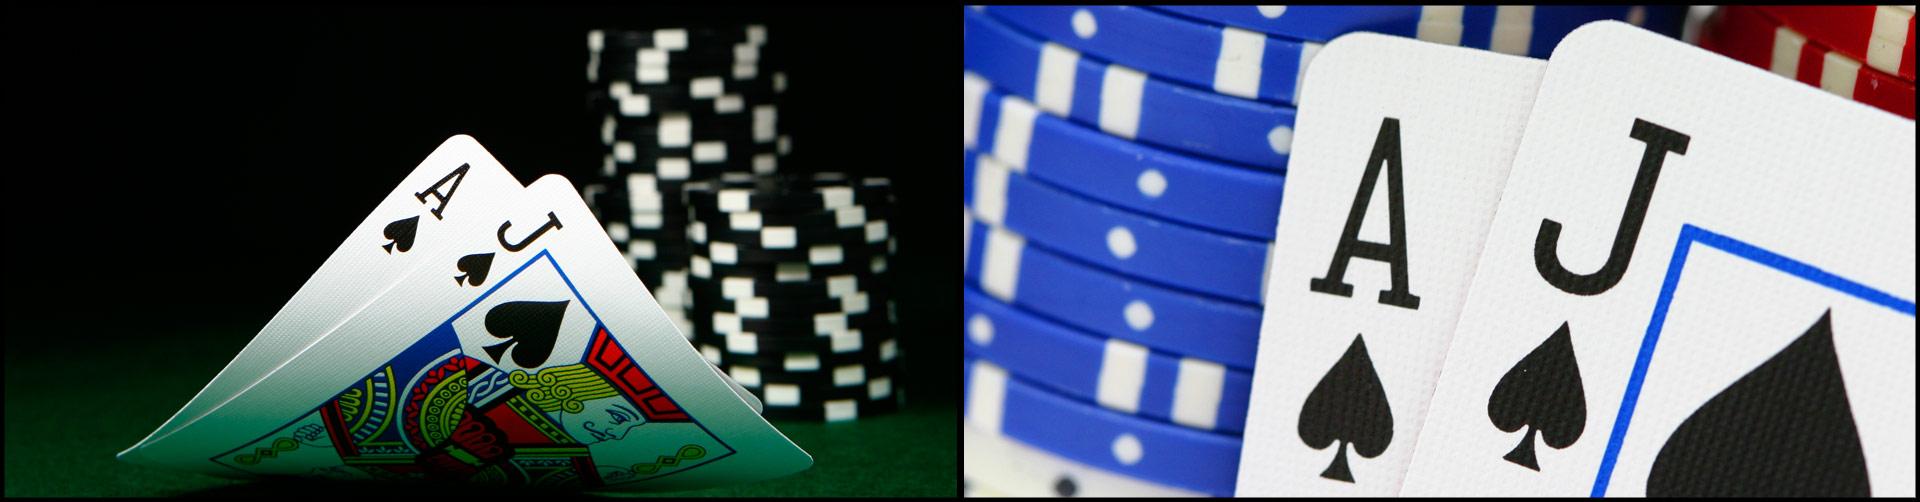 Blackjack gratuit, une occasion à ne pas rater